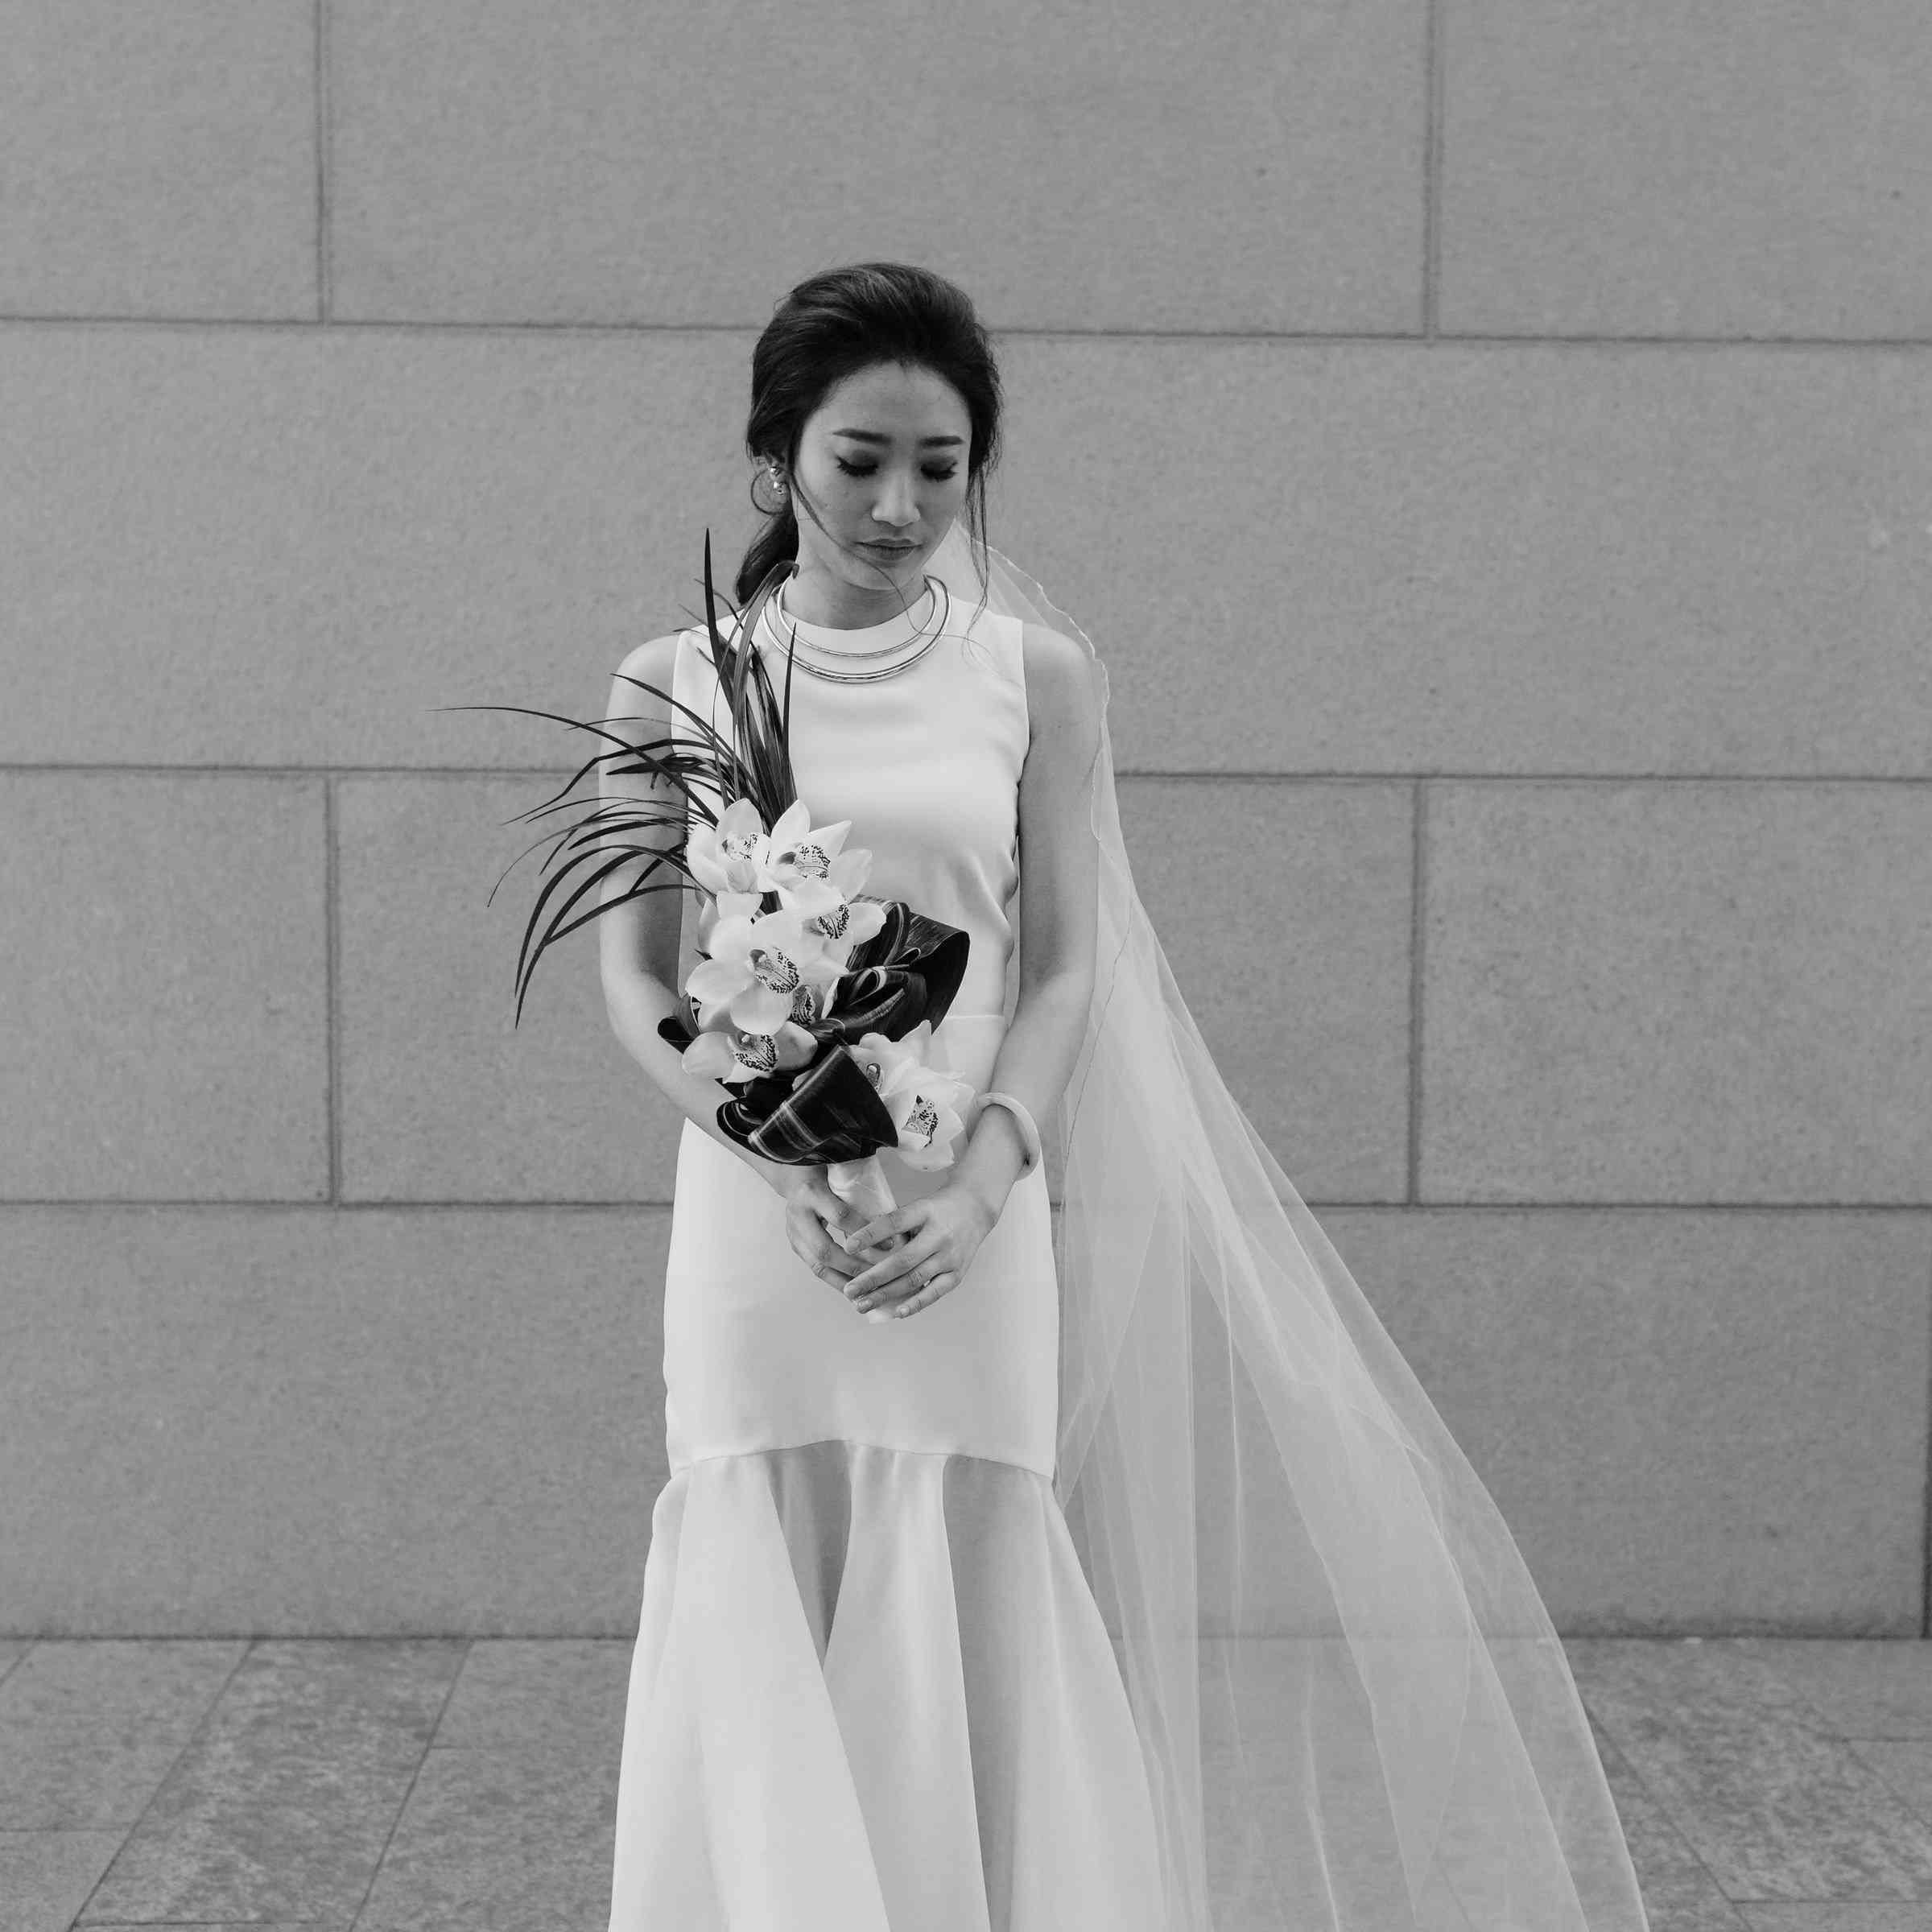 <p>Bride in black and white solo</p>